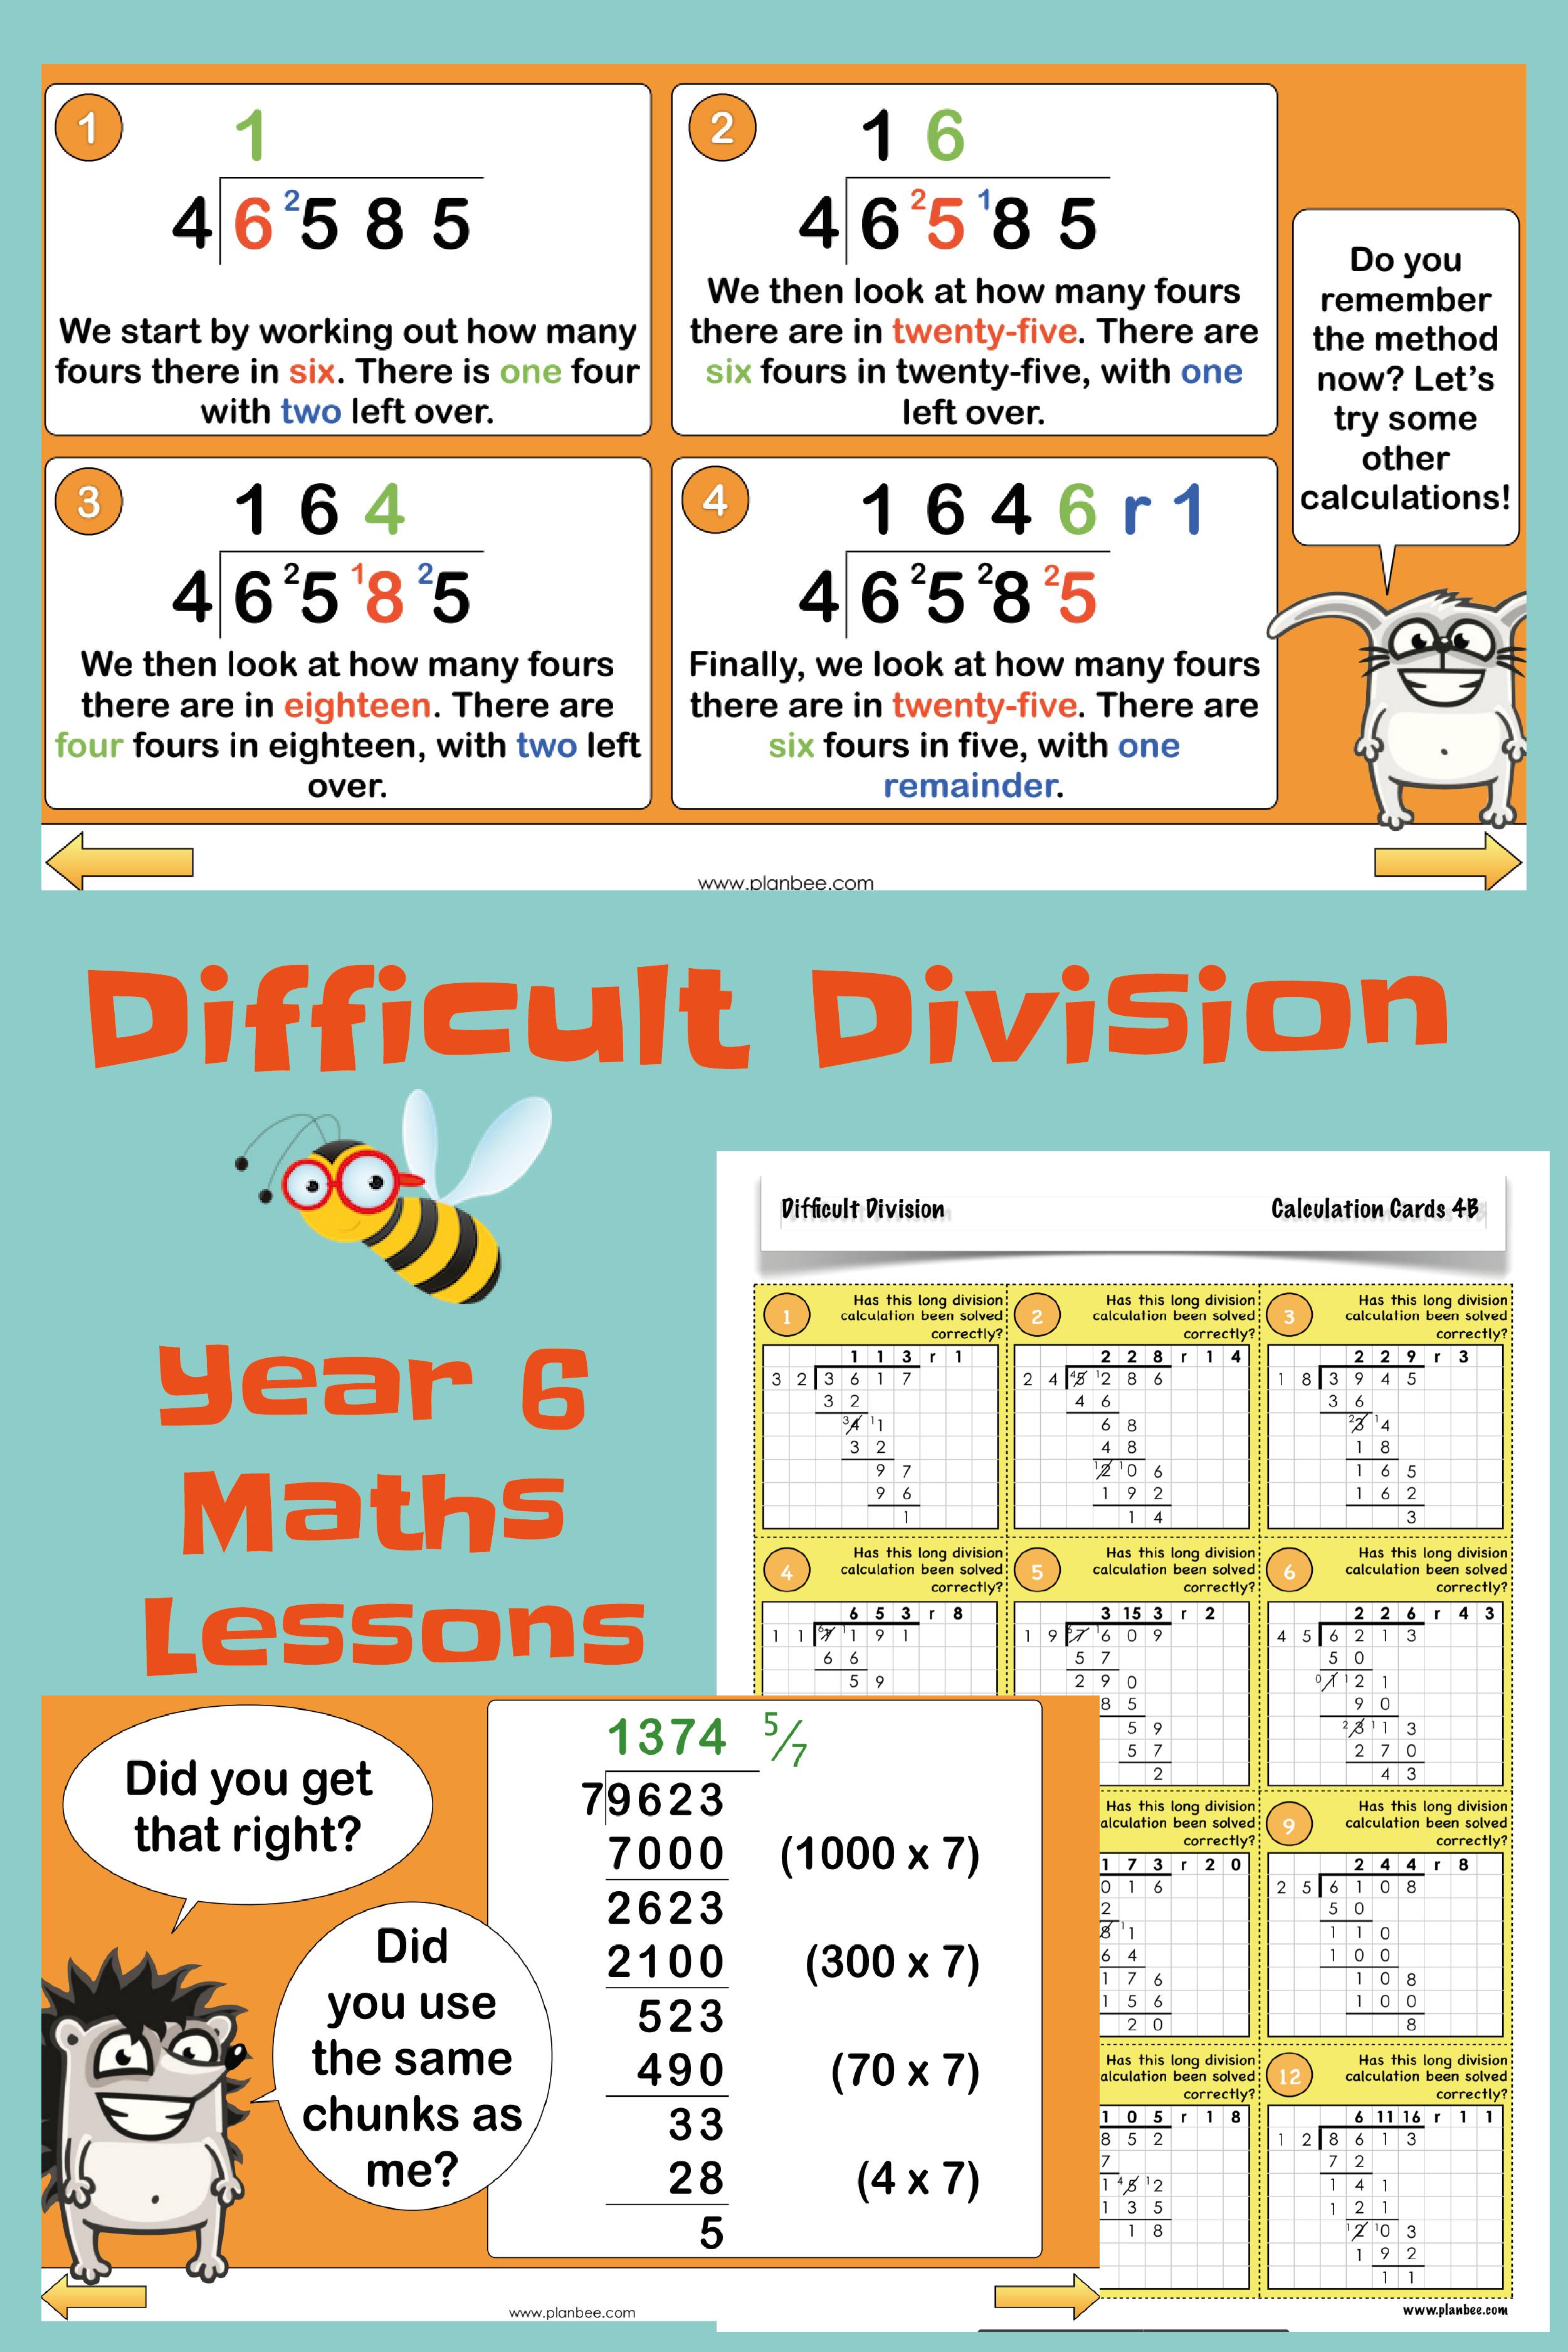 Difficult Division